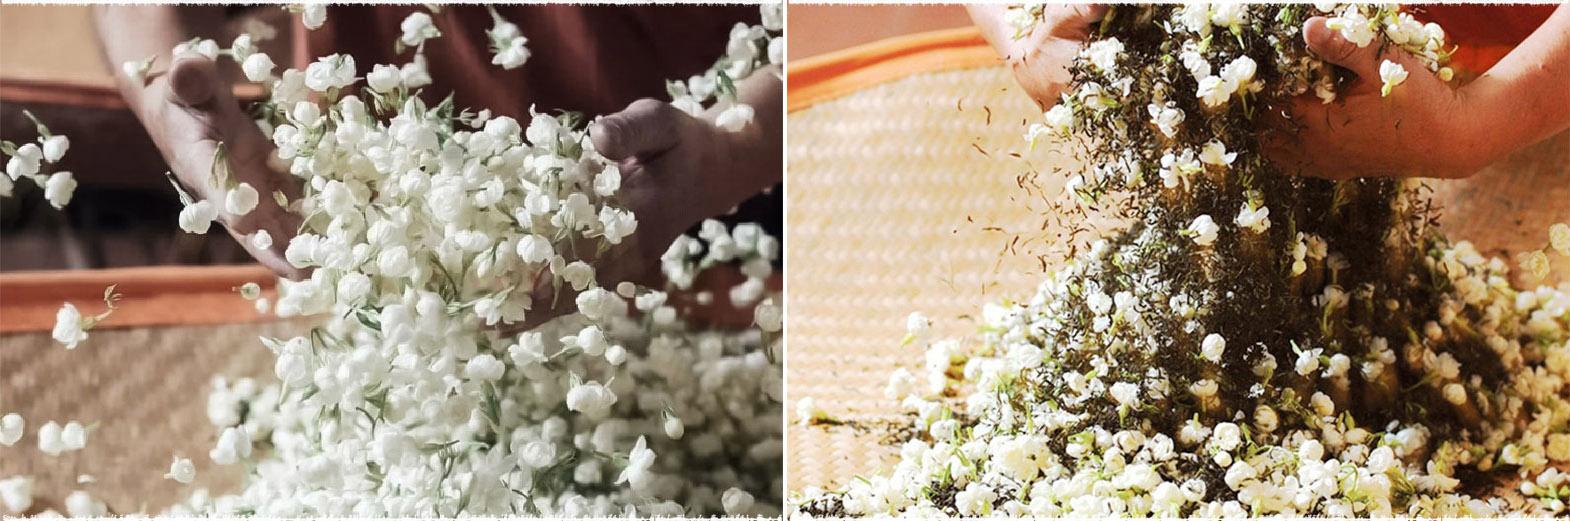 Ướp hoa cho trà